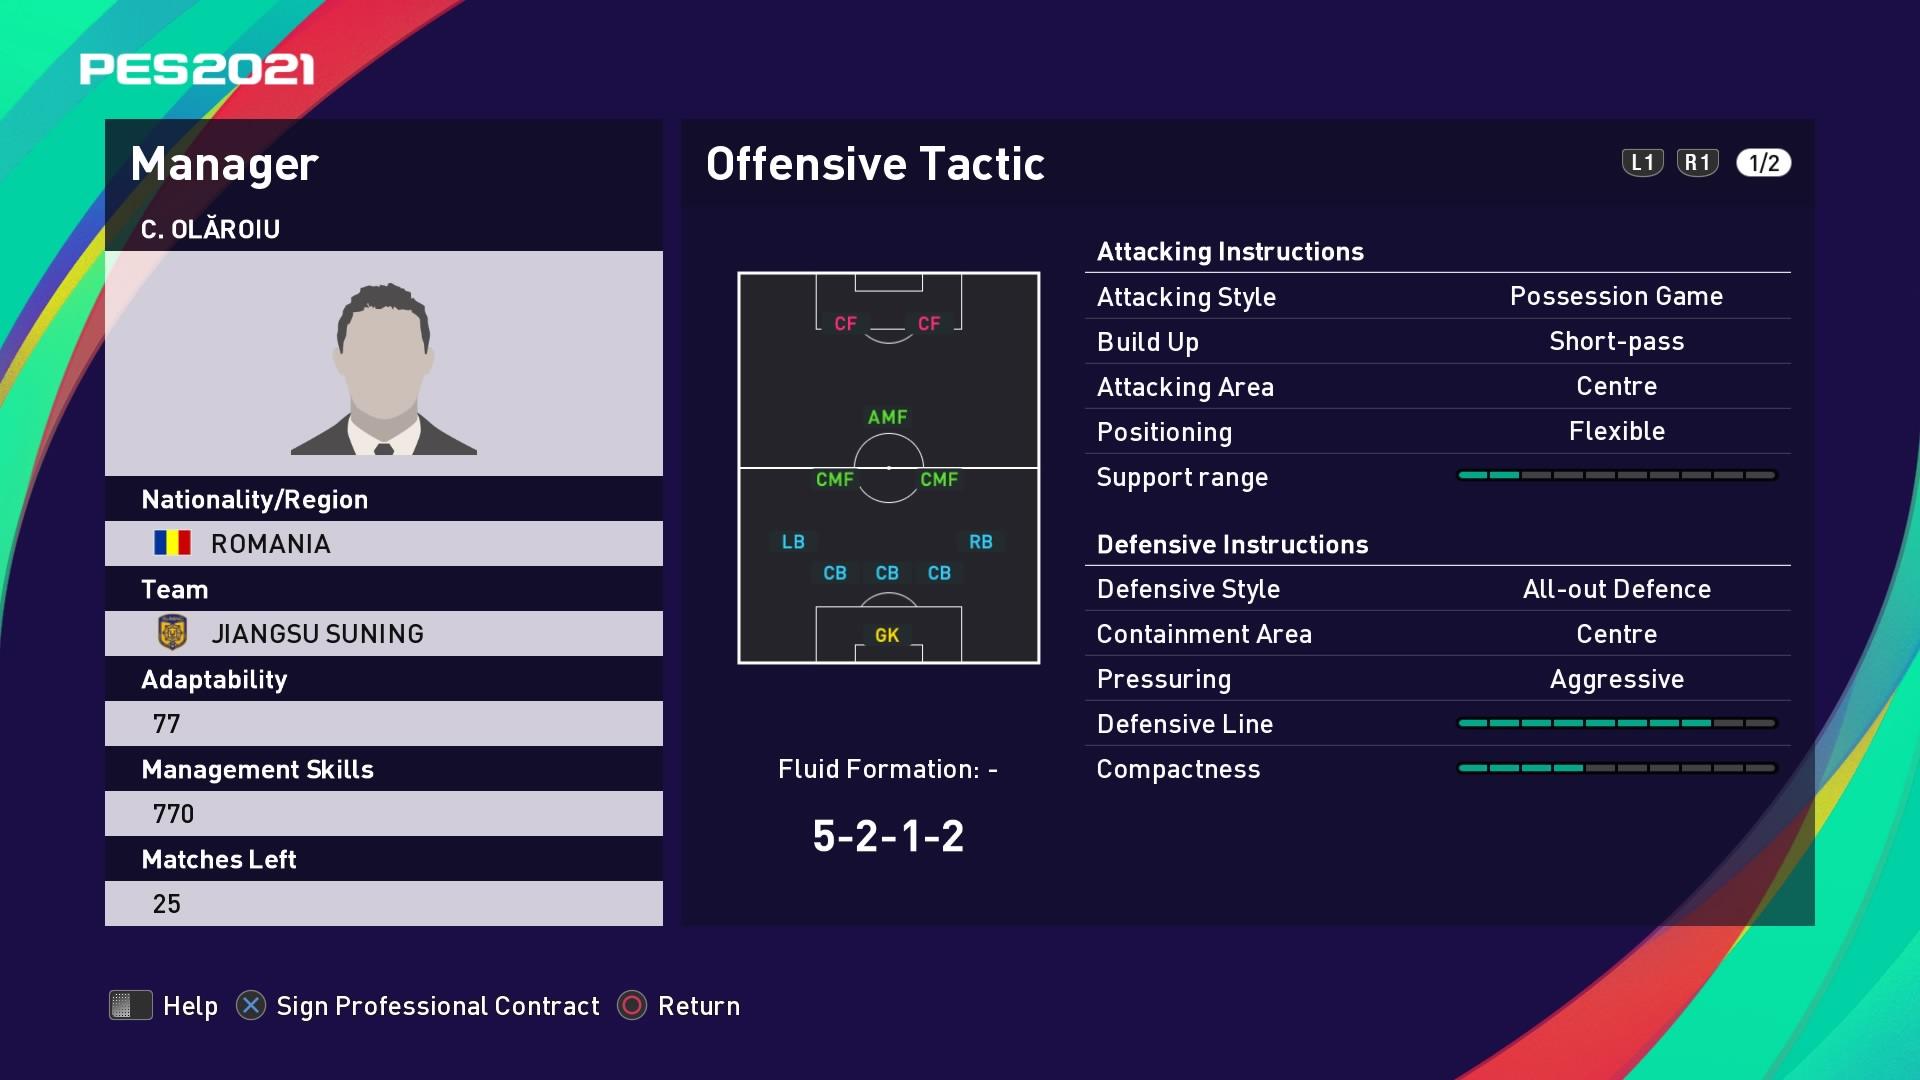 C. Olăroiu (Cosmin Olăroiu) Offensive Tactic in PES 2021 myClub